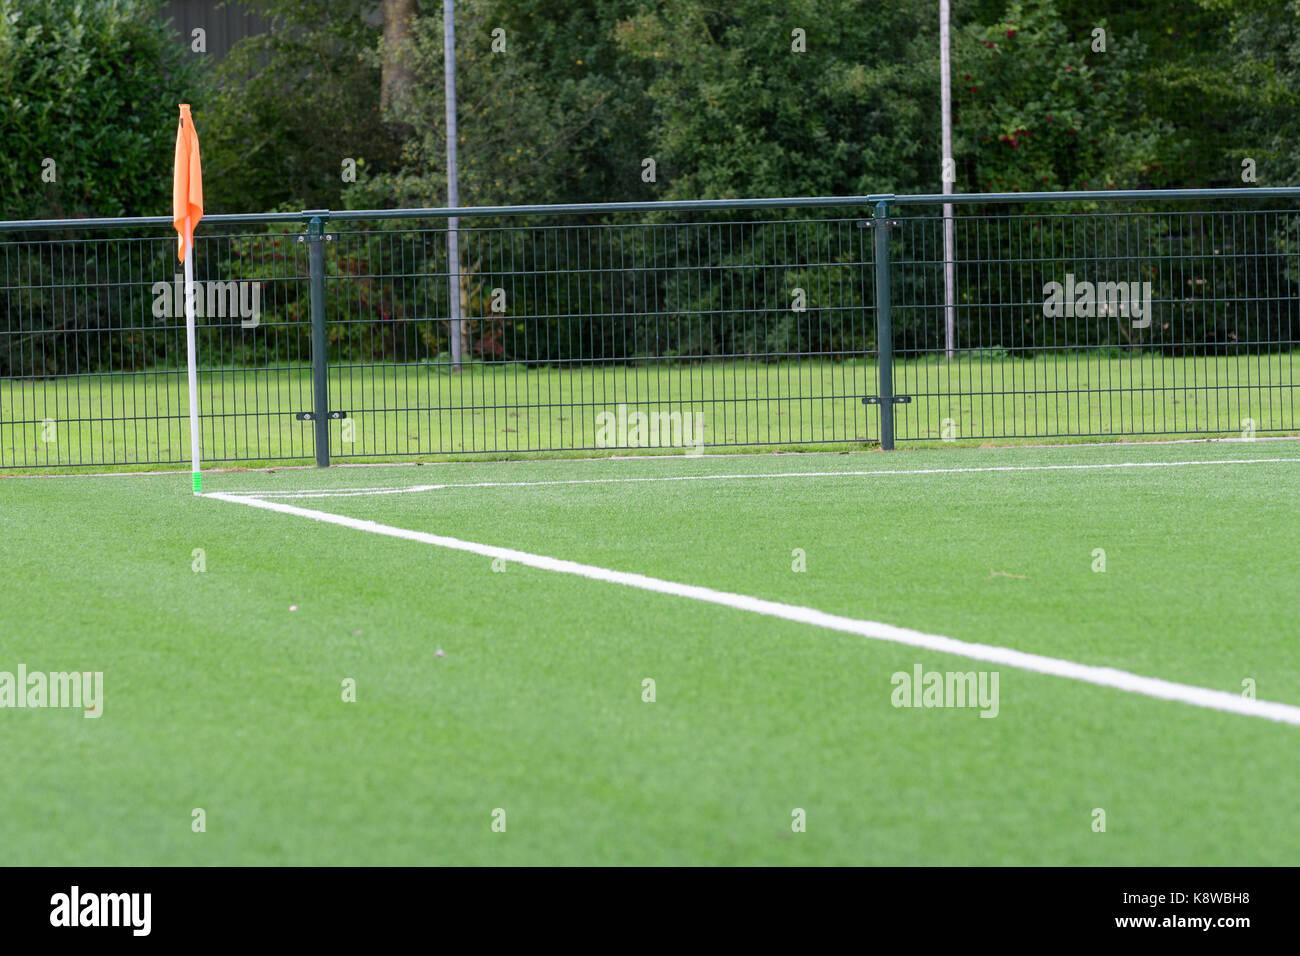 L'écart et poteau de coin et la ligne de base d'un terrain de football en gazon artificiel Photo Stock